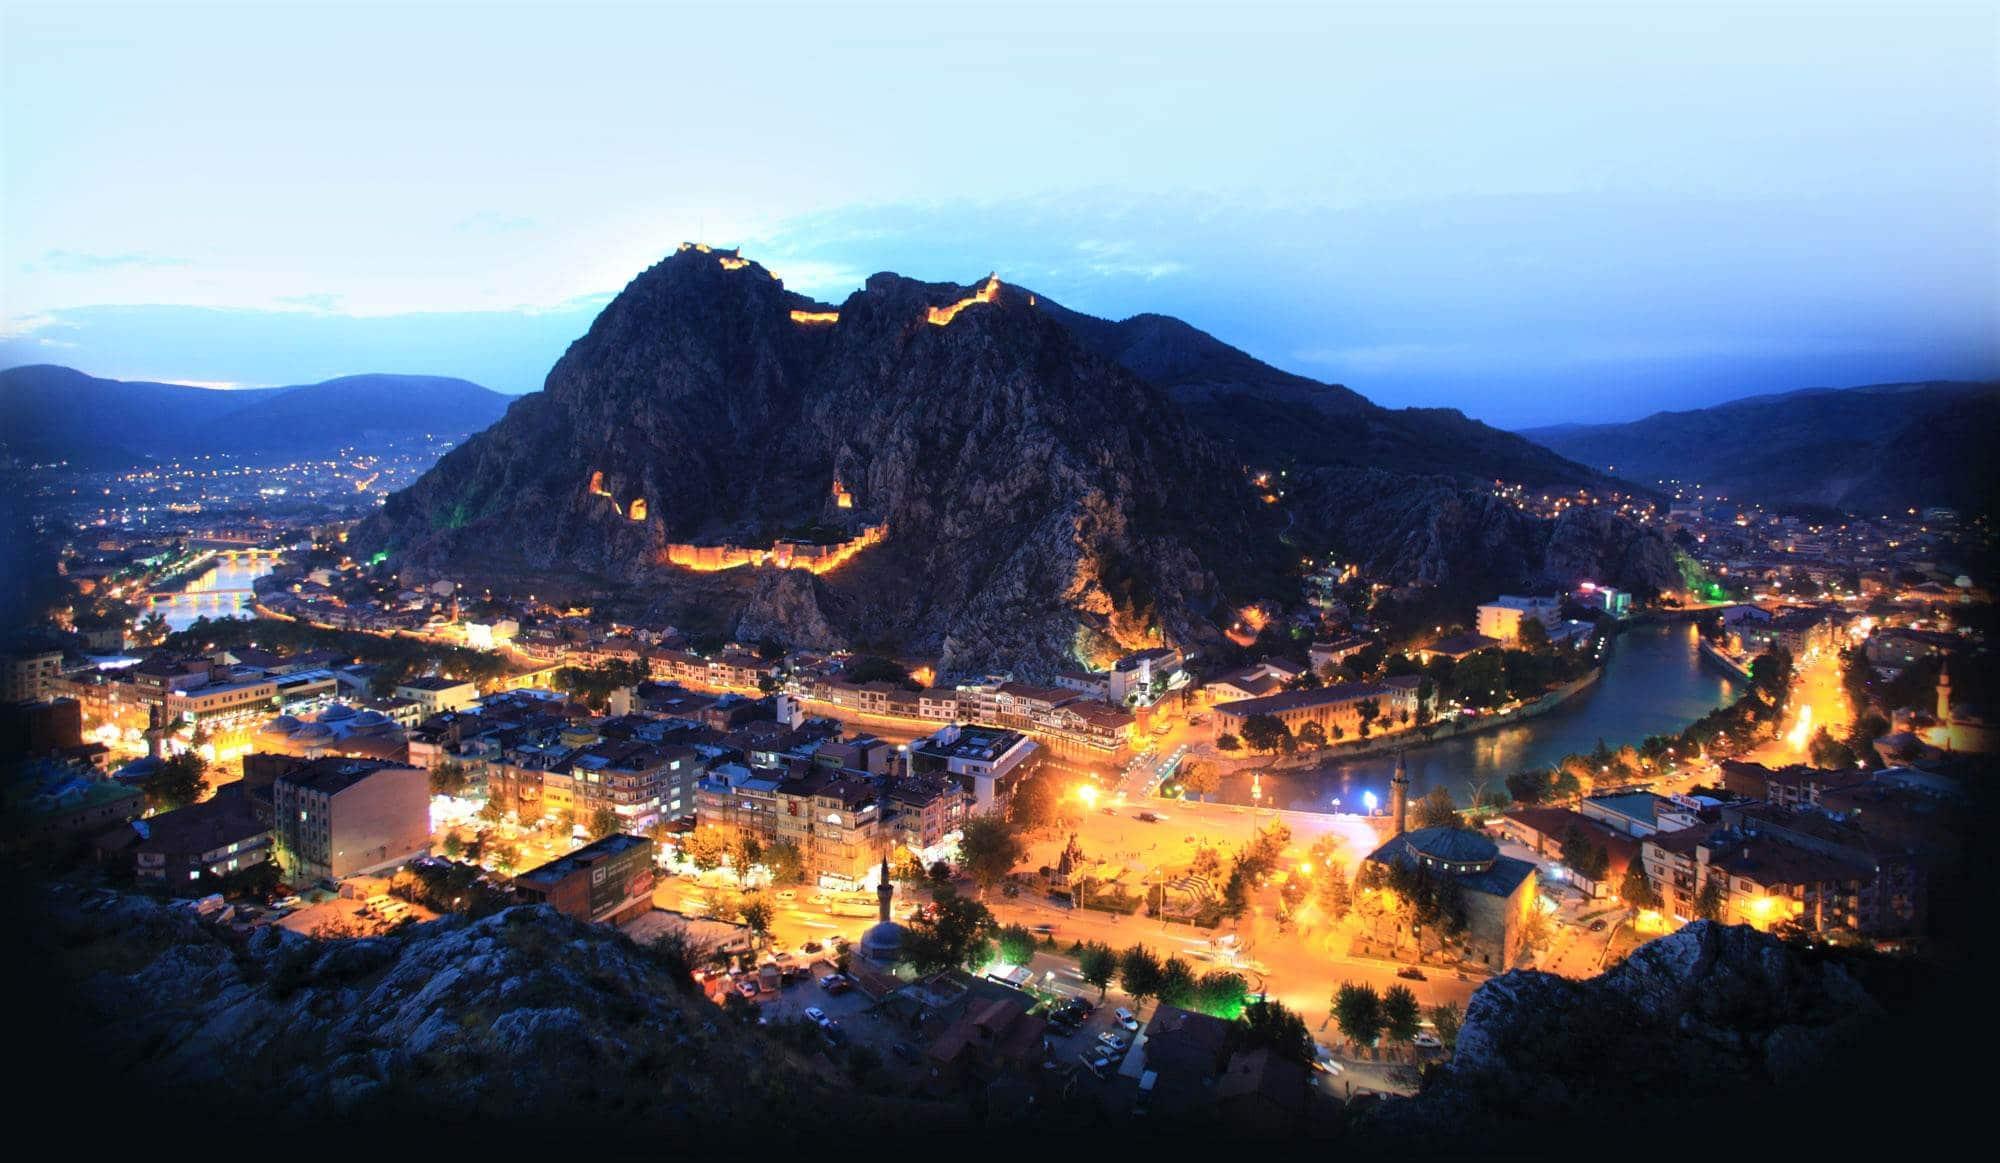 Крепость Амасьи и город после заката